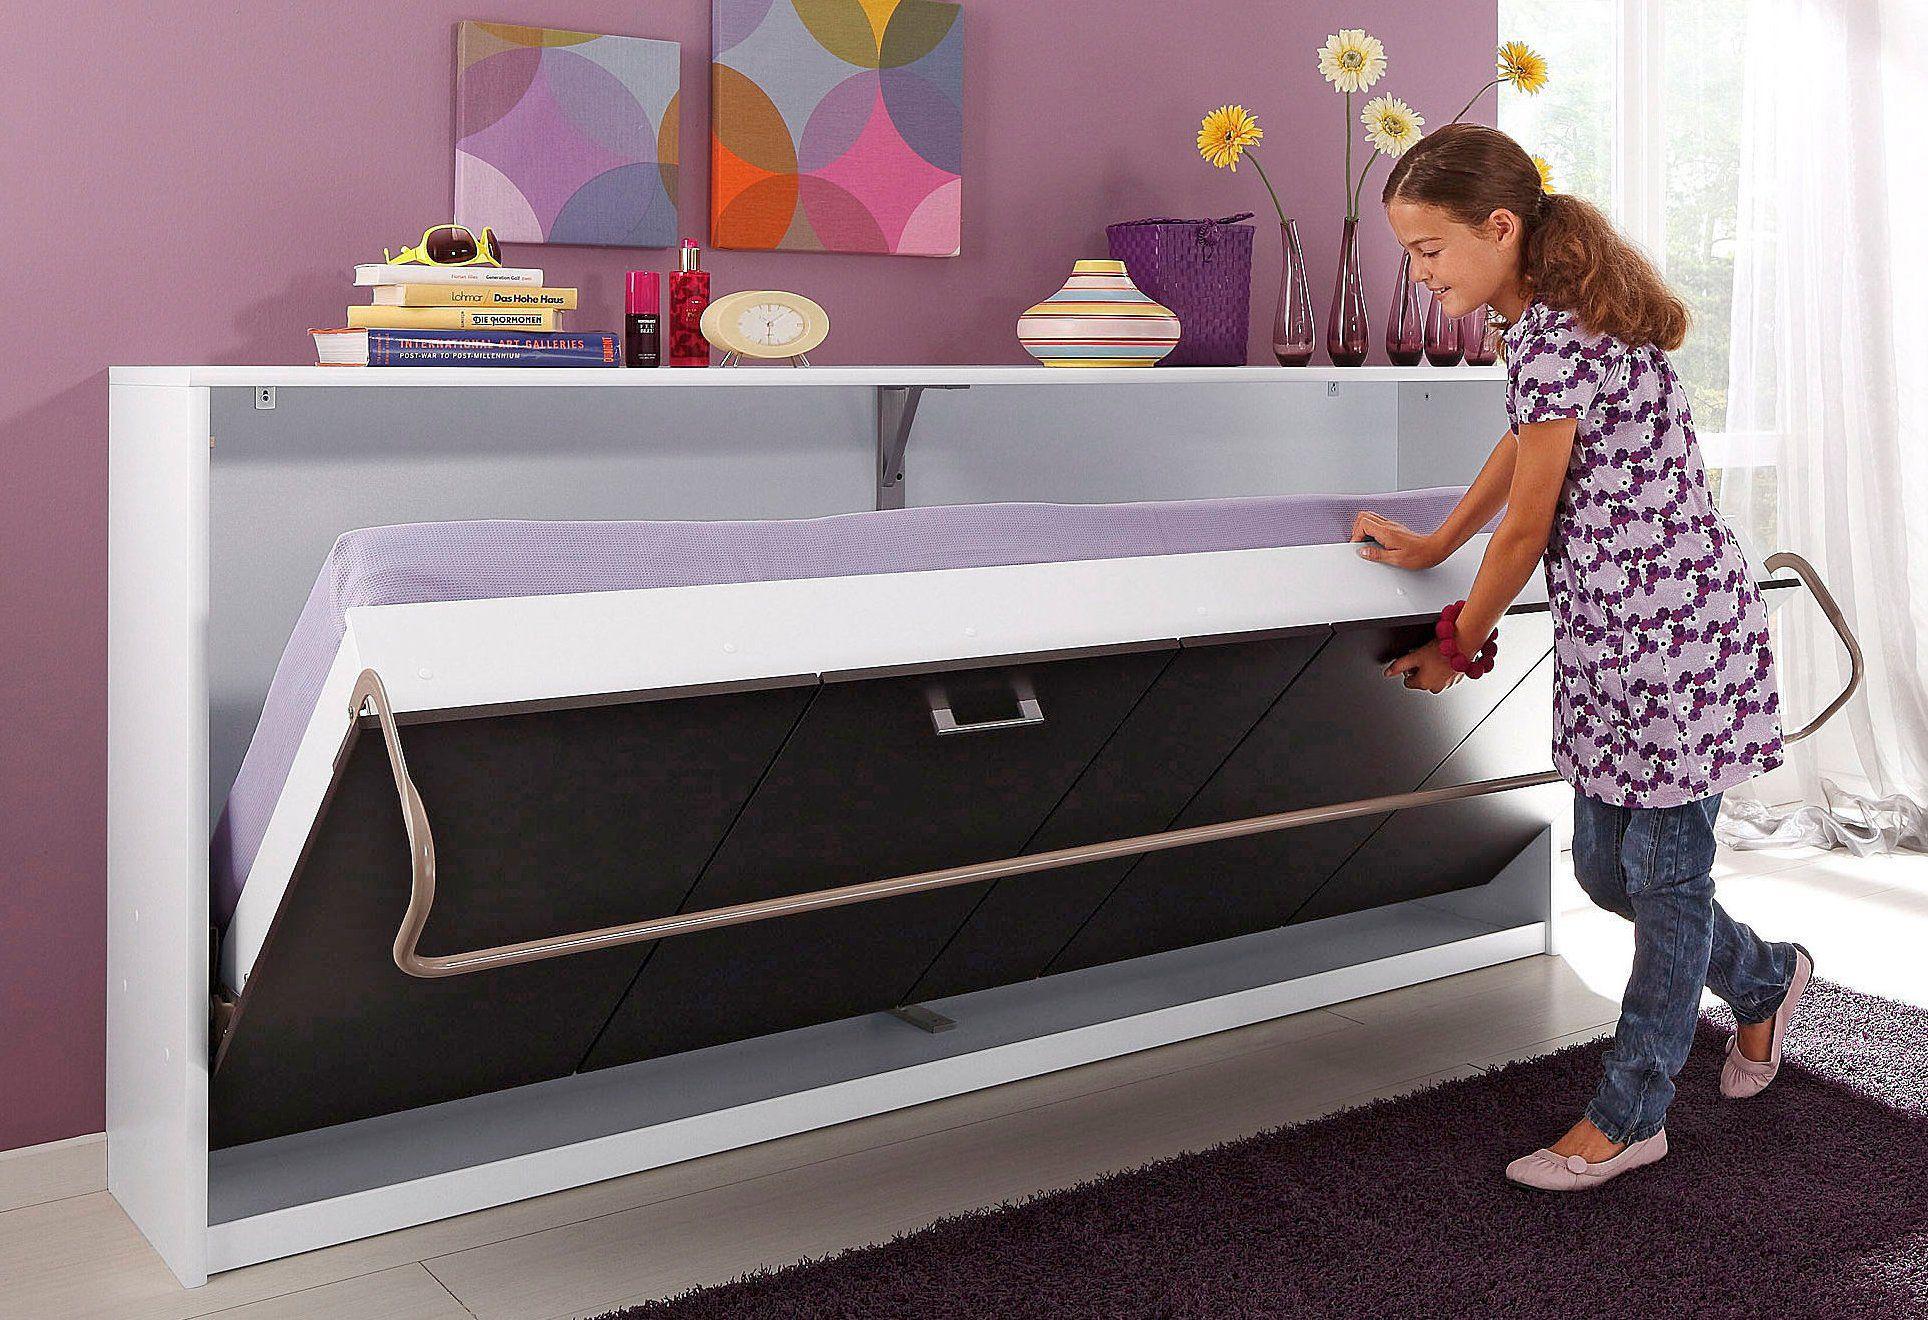 klappbett schwab versand kinderkleiderschr nke. Black Bedroom Furniture Sets. Home Design Ideas